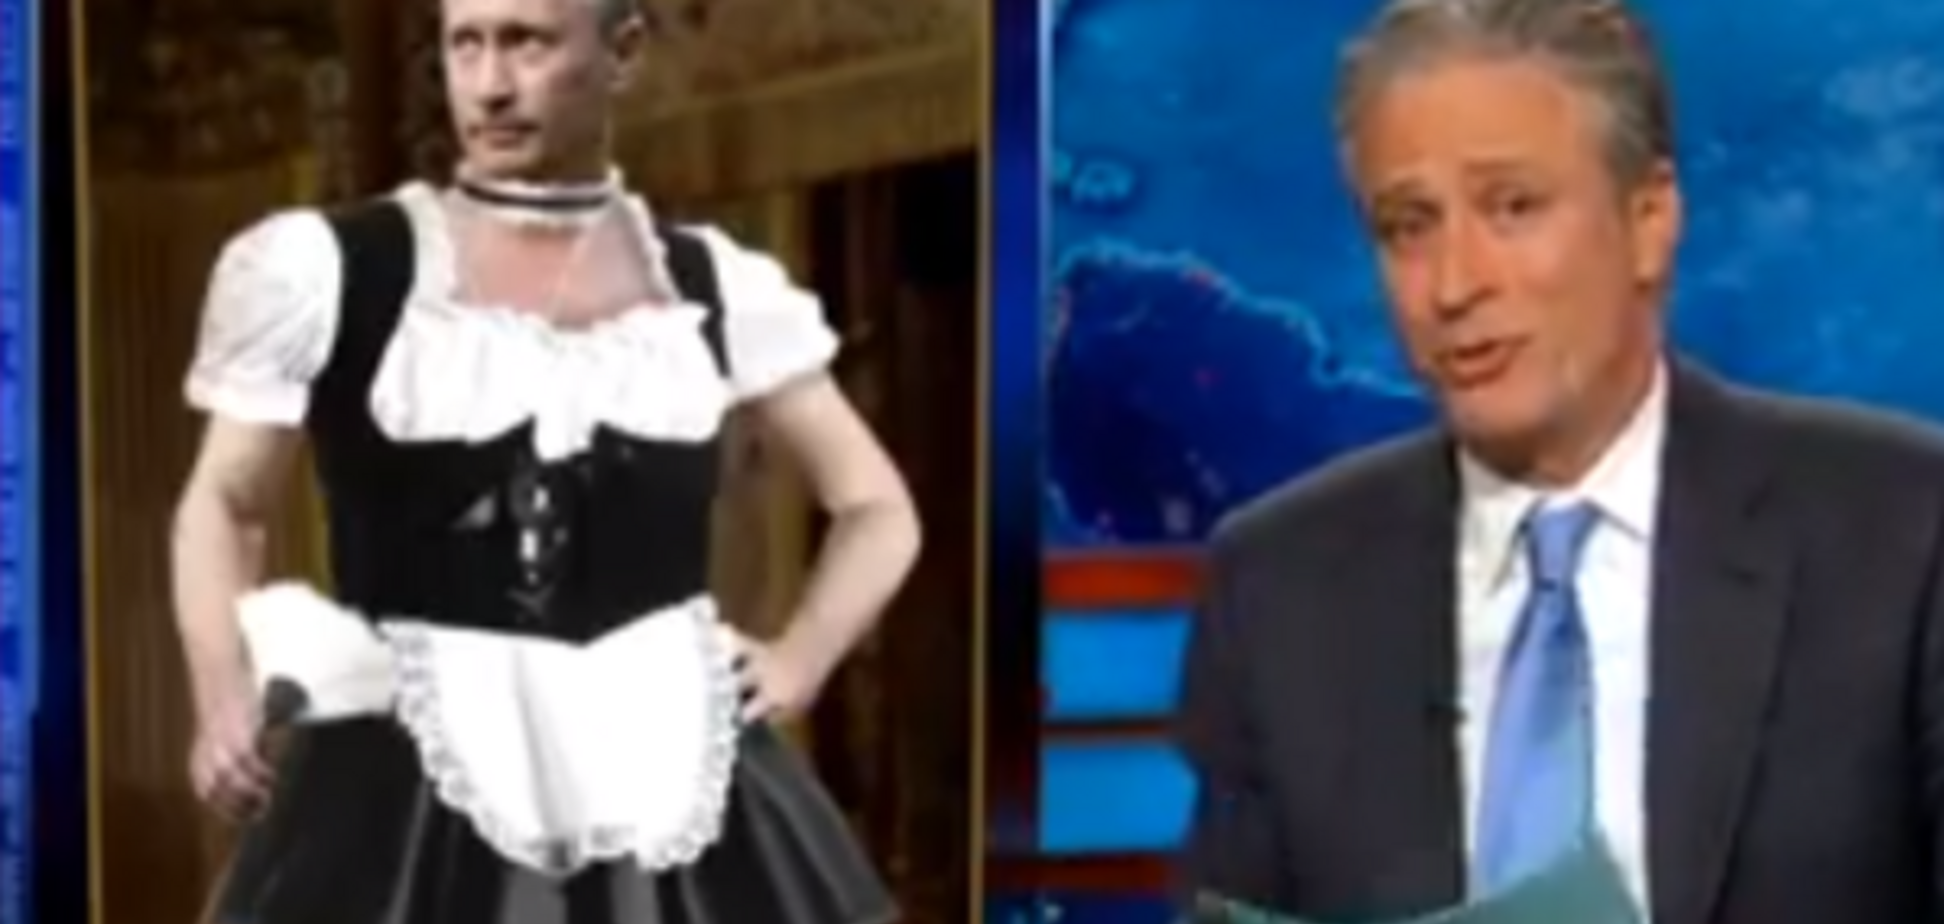 Американське шоу показало Путіна в костюмі француженки і висміяло 'анексію' першої леді Китаю